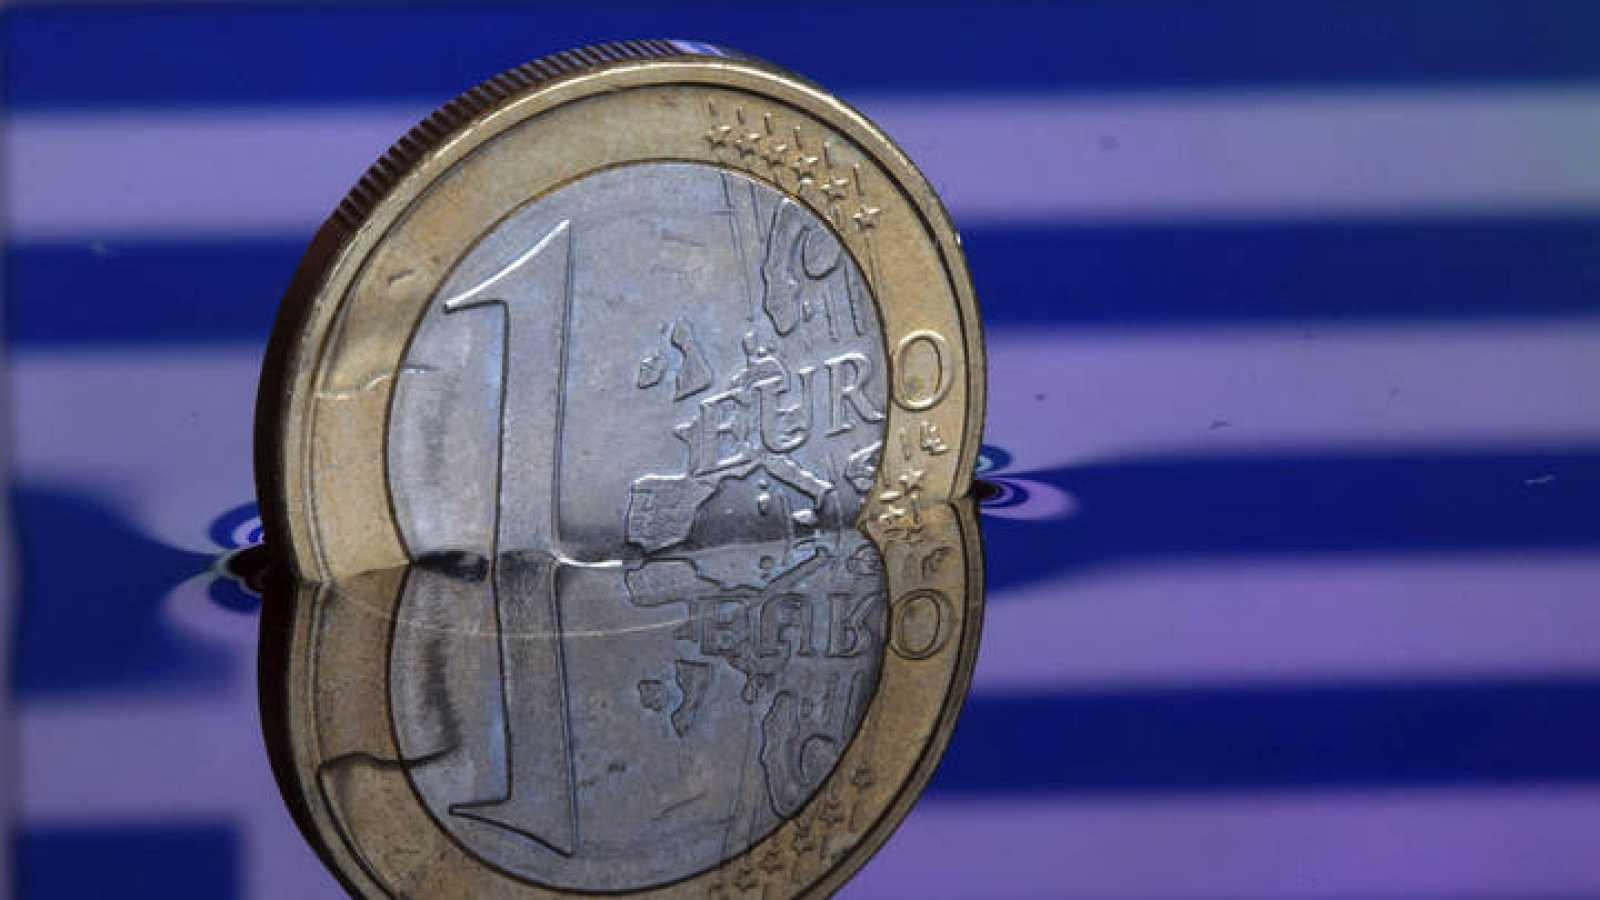 Una moneda de euro con la bandera de Grecia de fondo